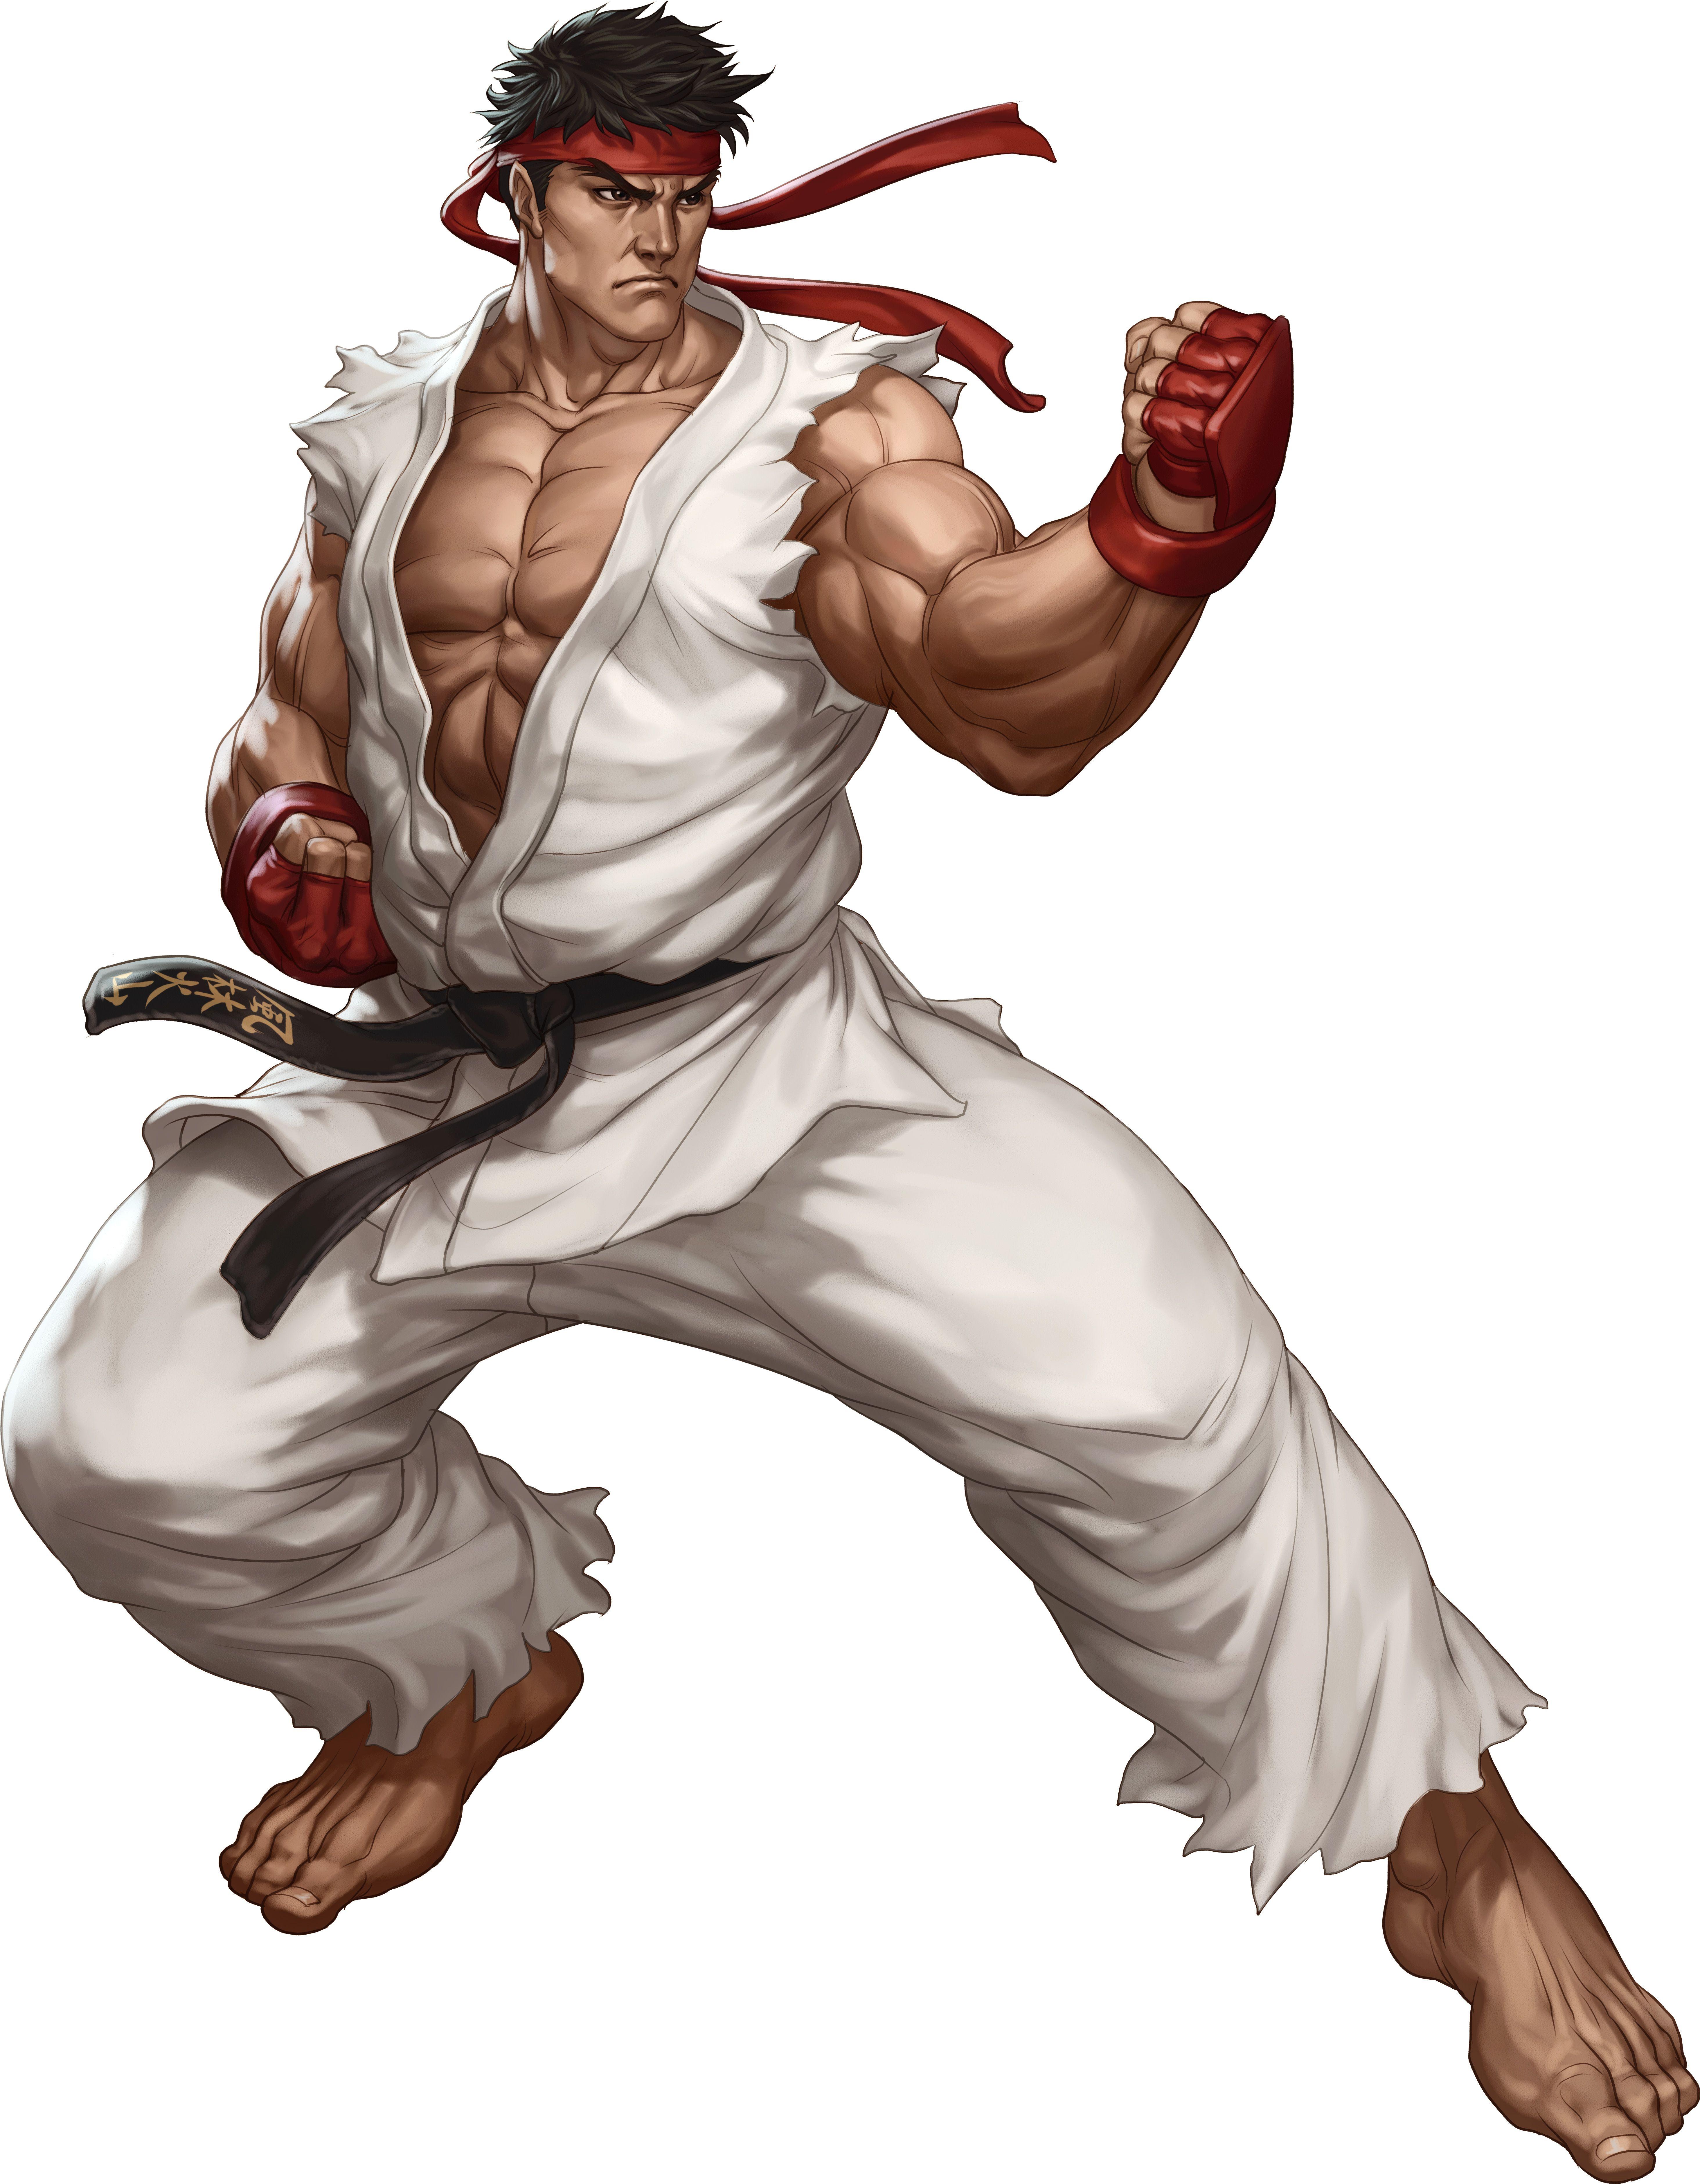 Ryu adalah seorang petarung asal Jepang yang bertarung